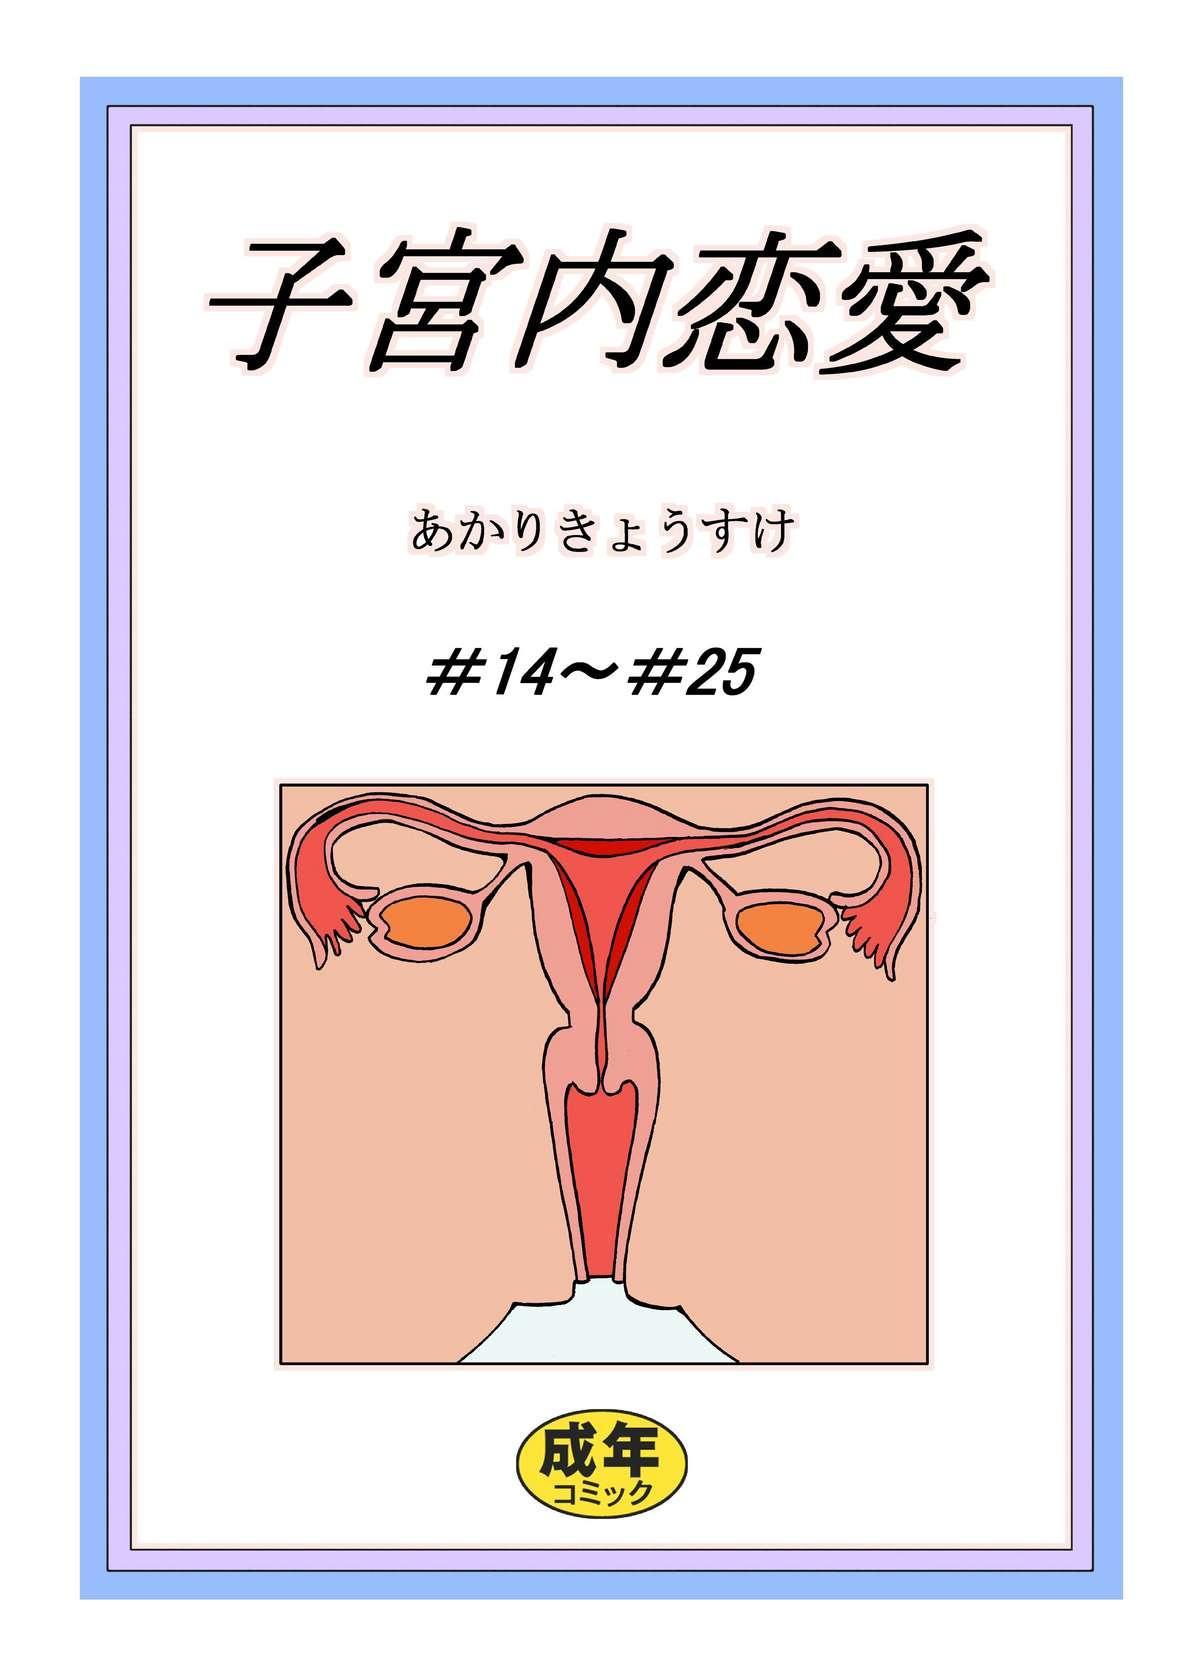 Shikyuunai Renai #14~#25 1